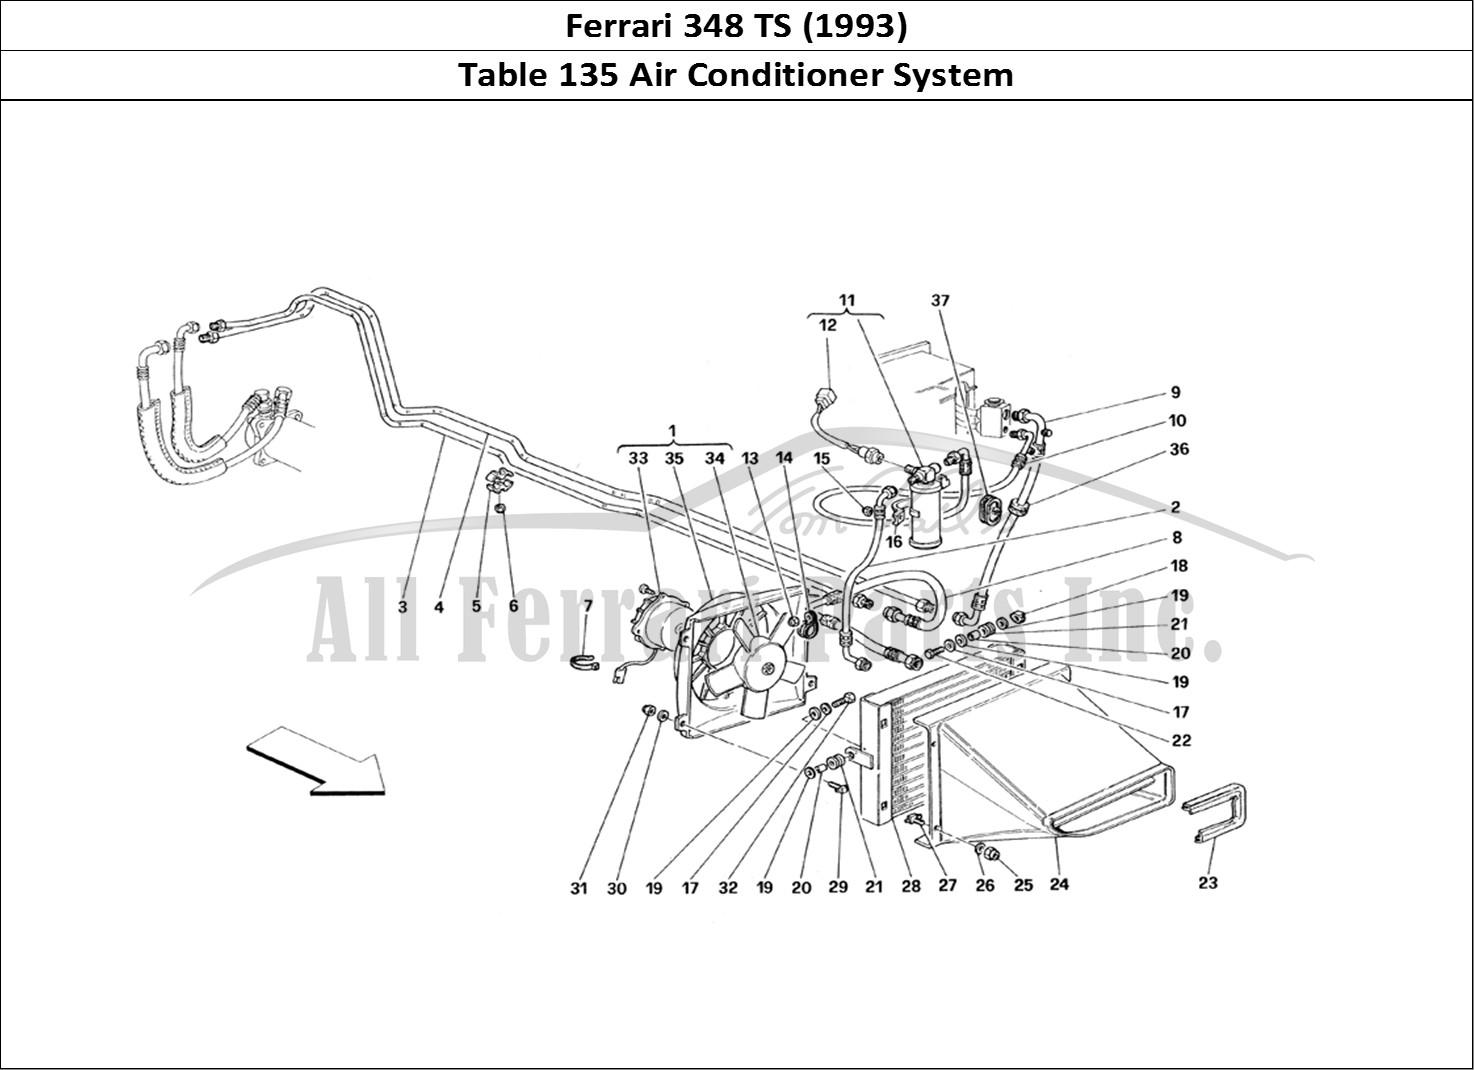 Buy Original Ferrari 348 Ts 135 Air Conditioner System Ferrari Parts Spares Accessories